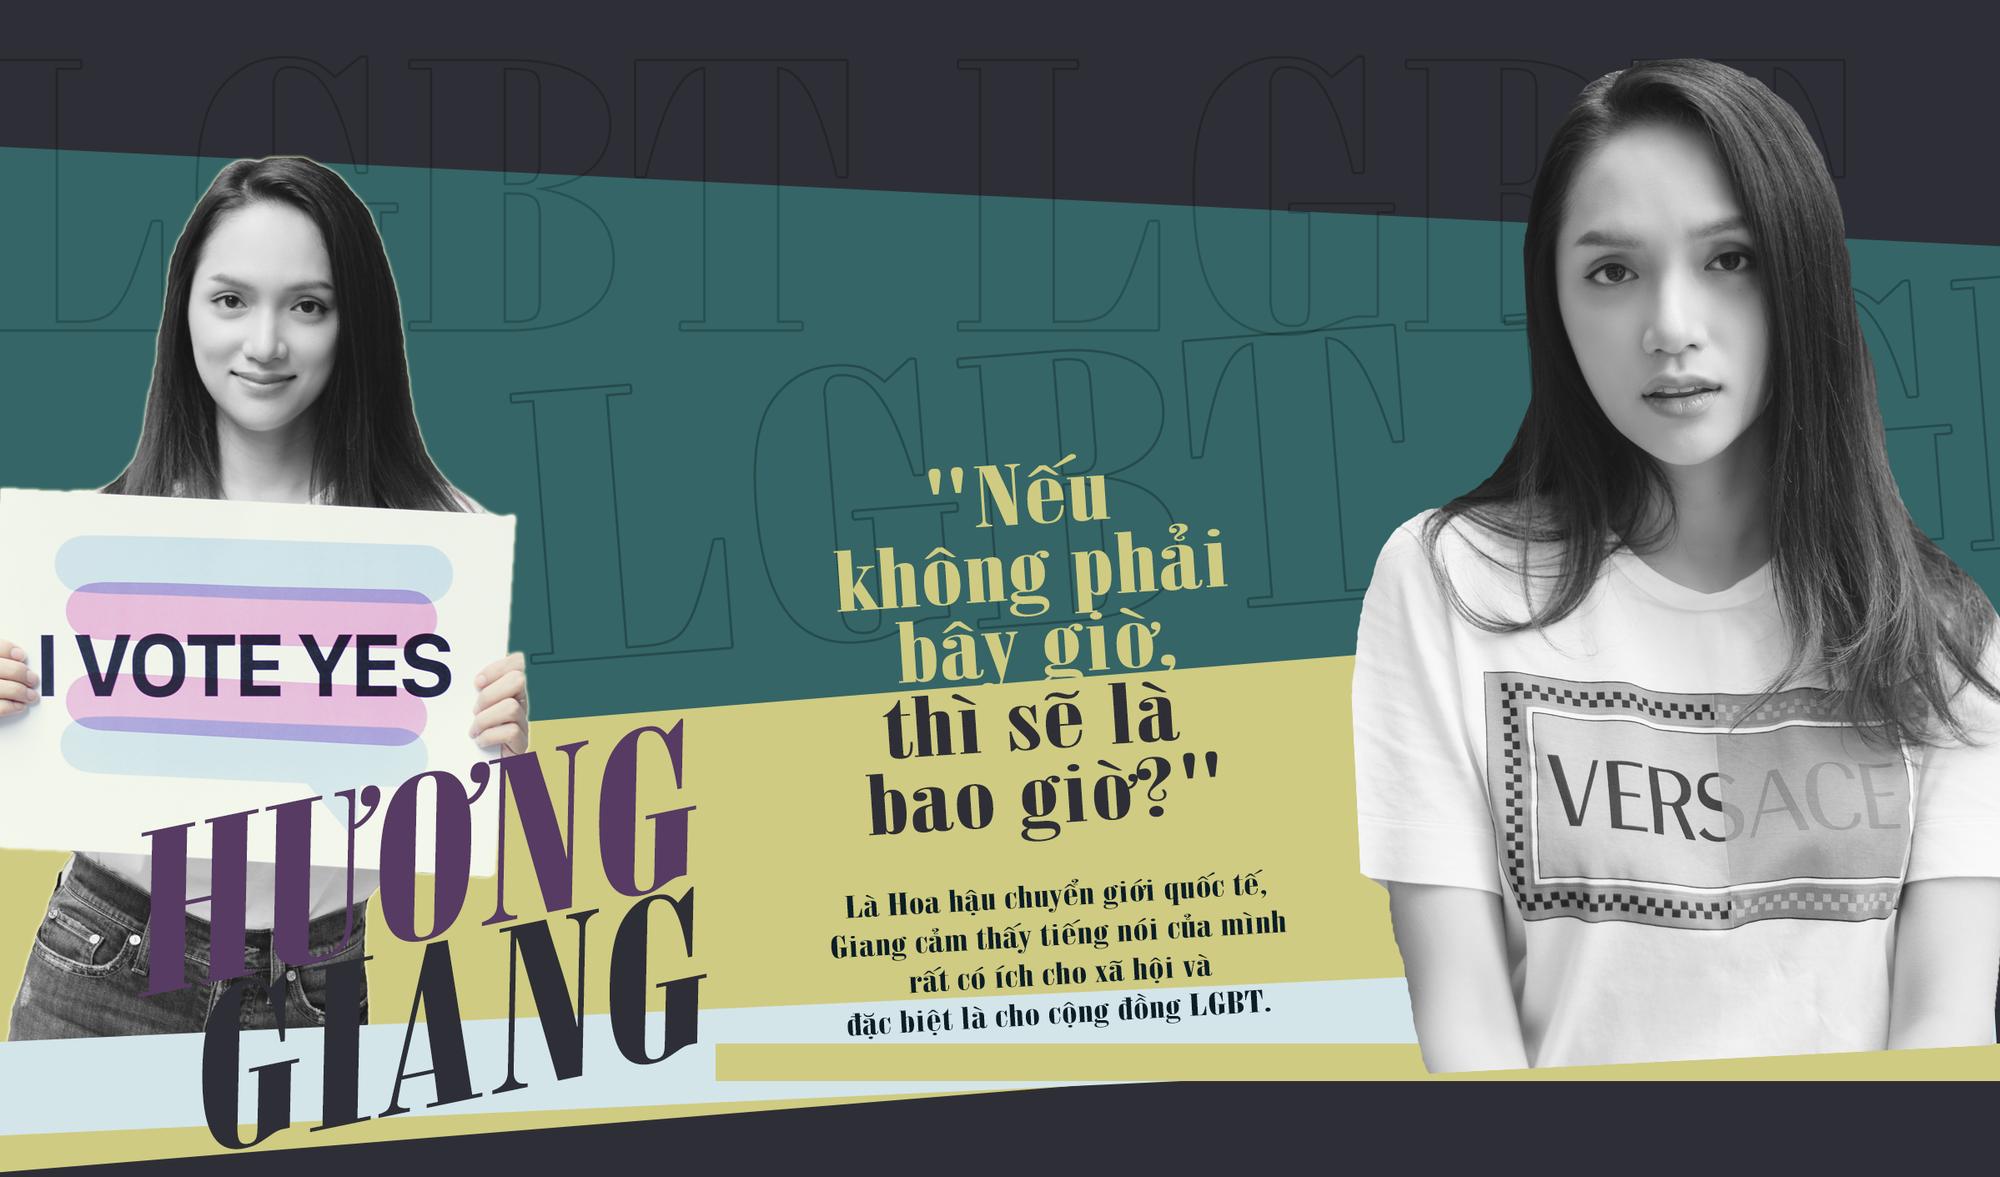 Hoa hậu Hương Giang: 'Tôi tha thiết mong cộng đồng LGBT cùng lên tiếng thúc đẩy quyền của người chuyển giới' - Ảnh 6.